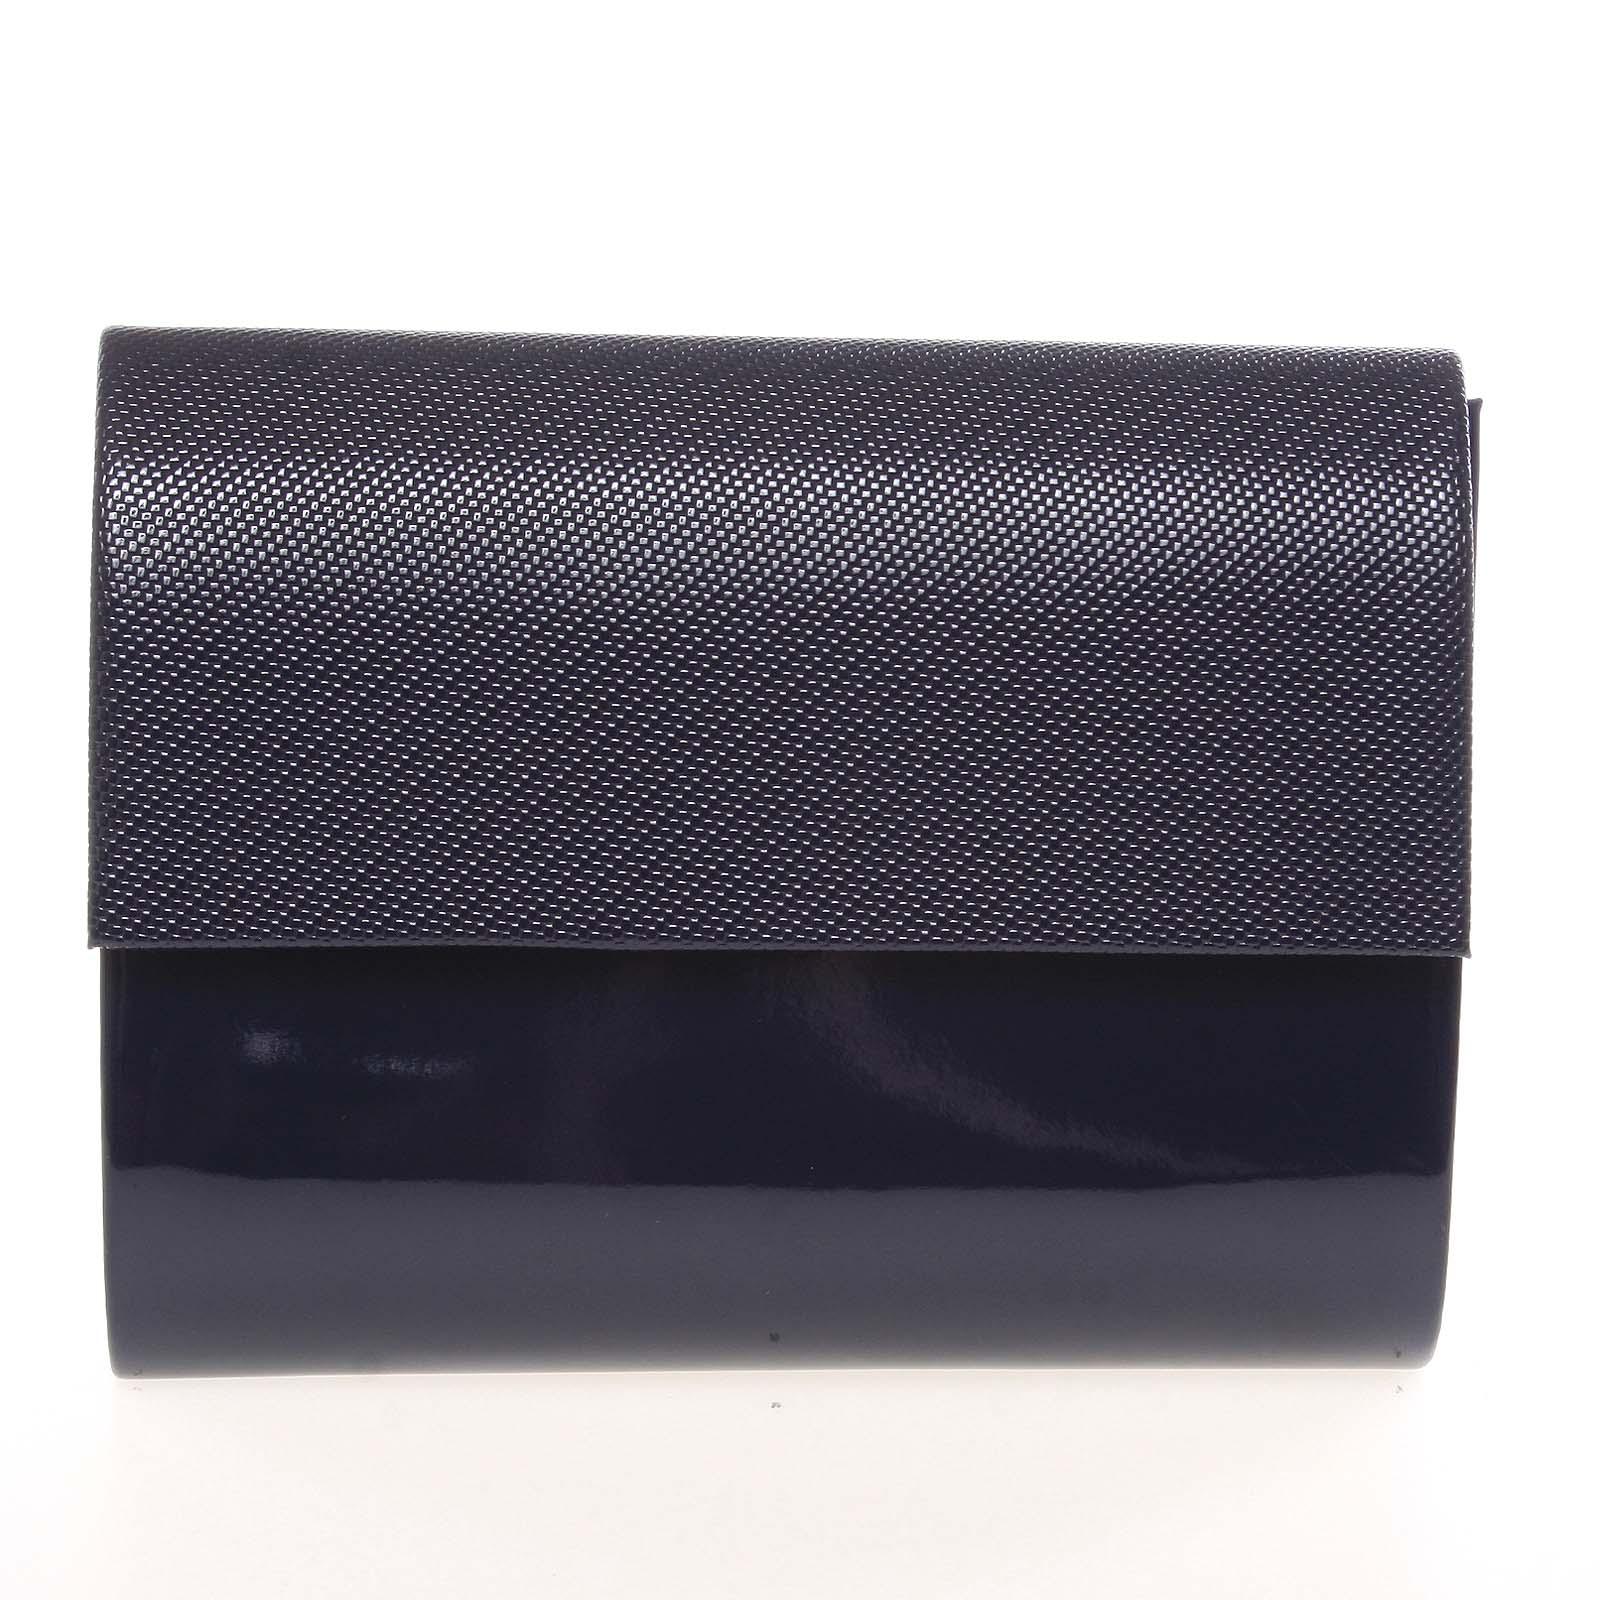 Střední dámské elegantní psaníčko lesklé tmavě modré se vzorem - Delami SanDiego